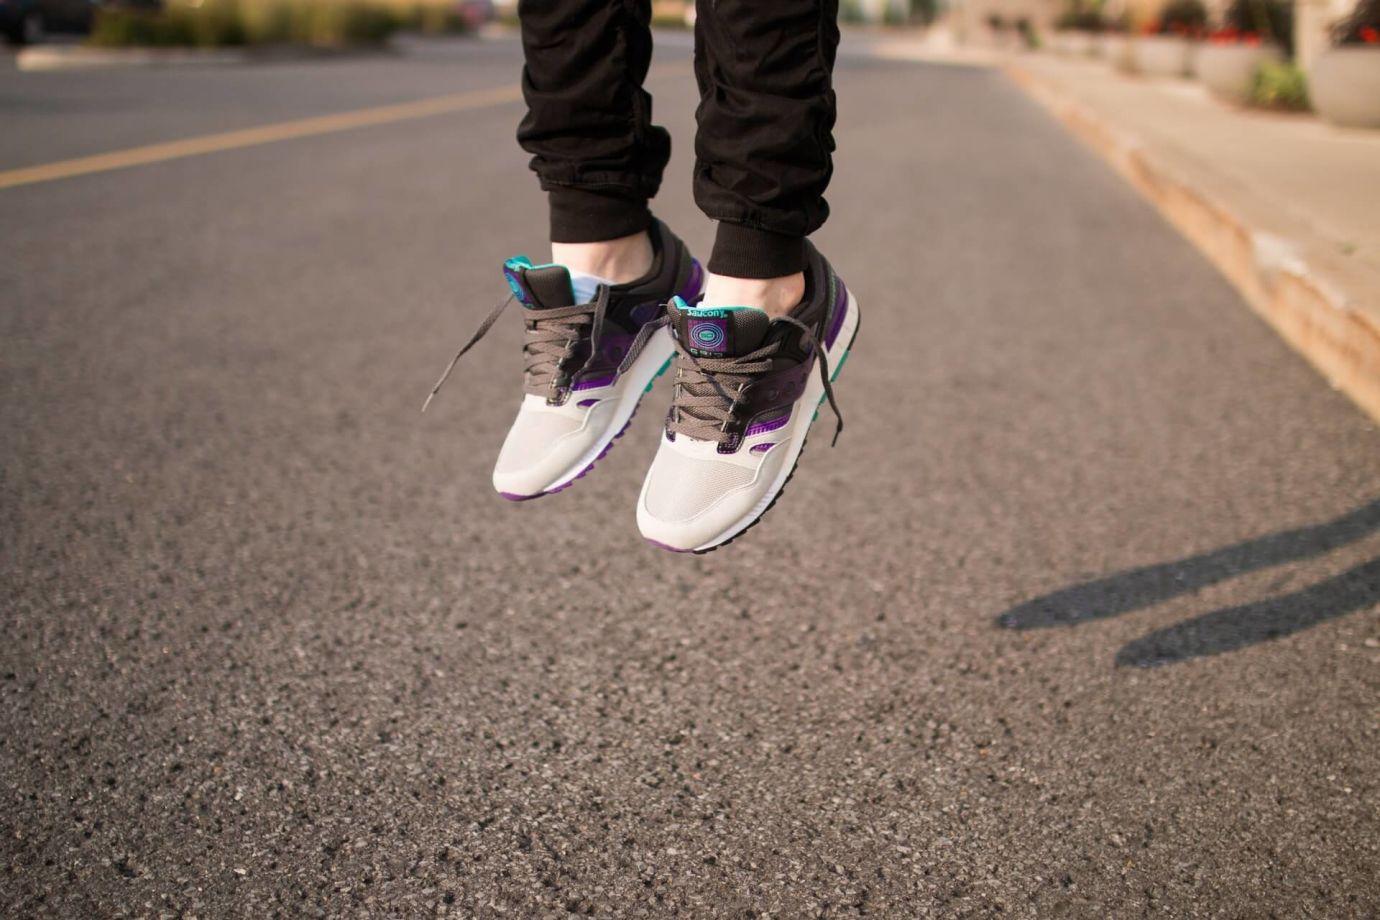 Person springt in braun-weißen Saucony Sneakern mit Lace Lock